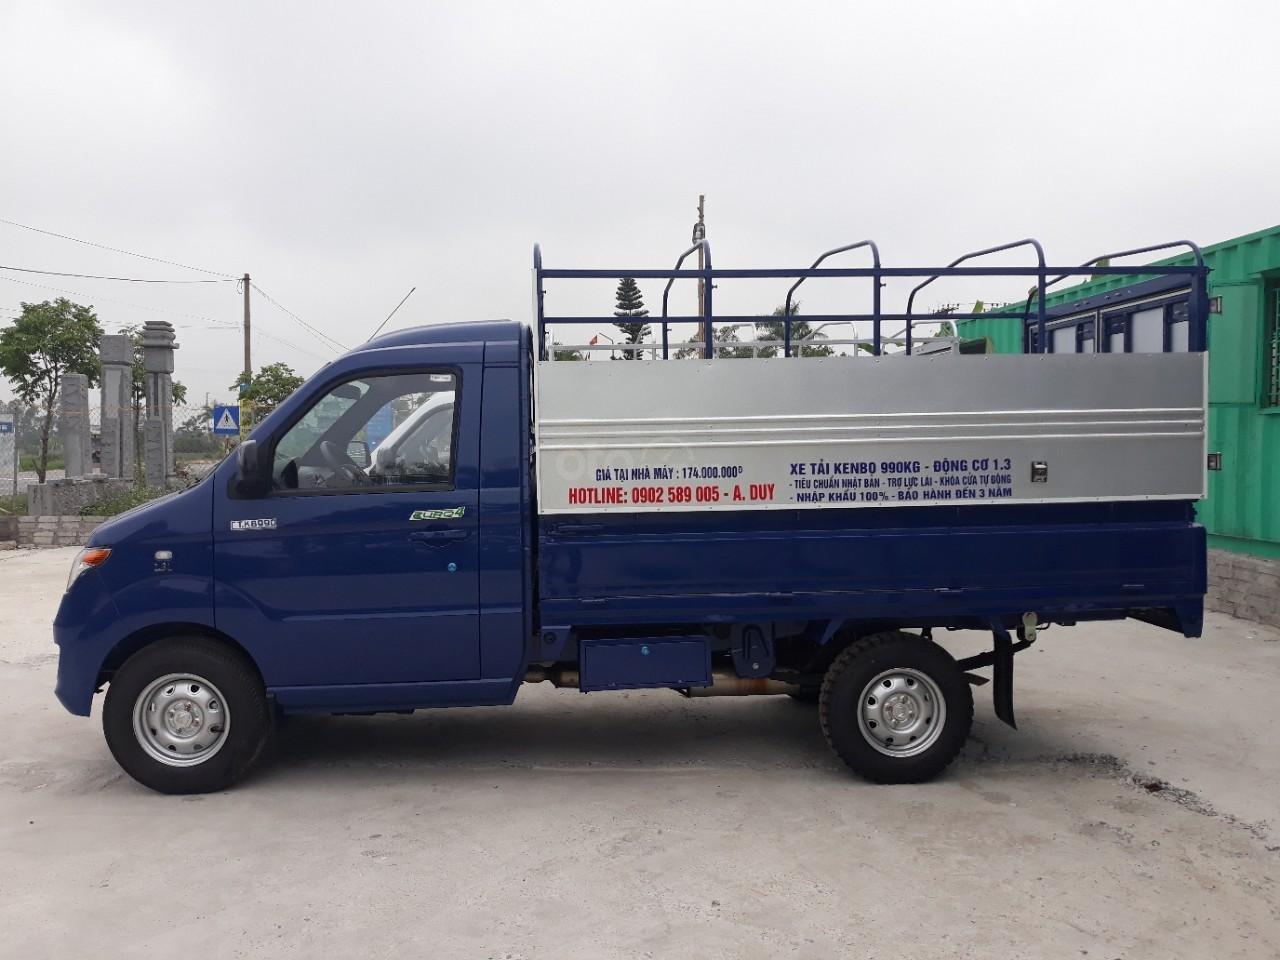 Bán xe tải Kenbo 990 Kg tại Hưng Yên, xe giá ưu đãi (8)